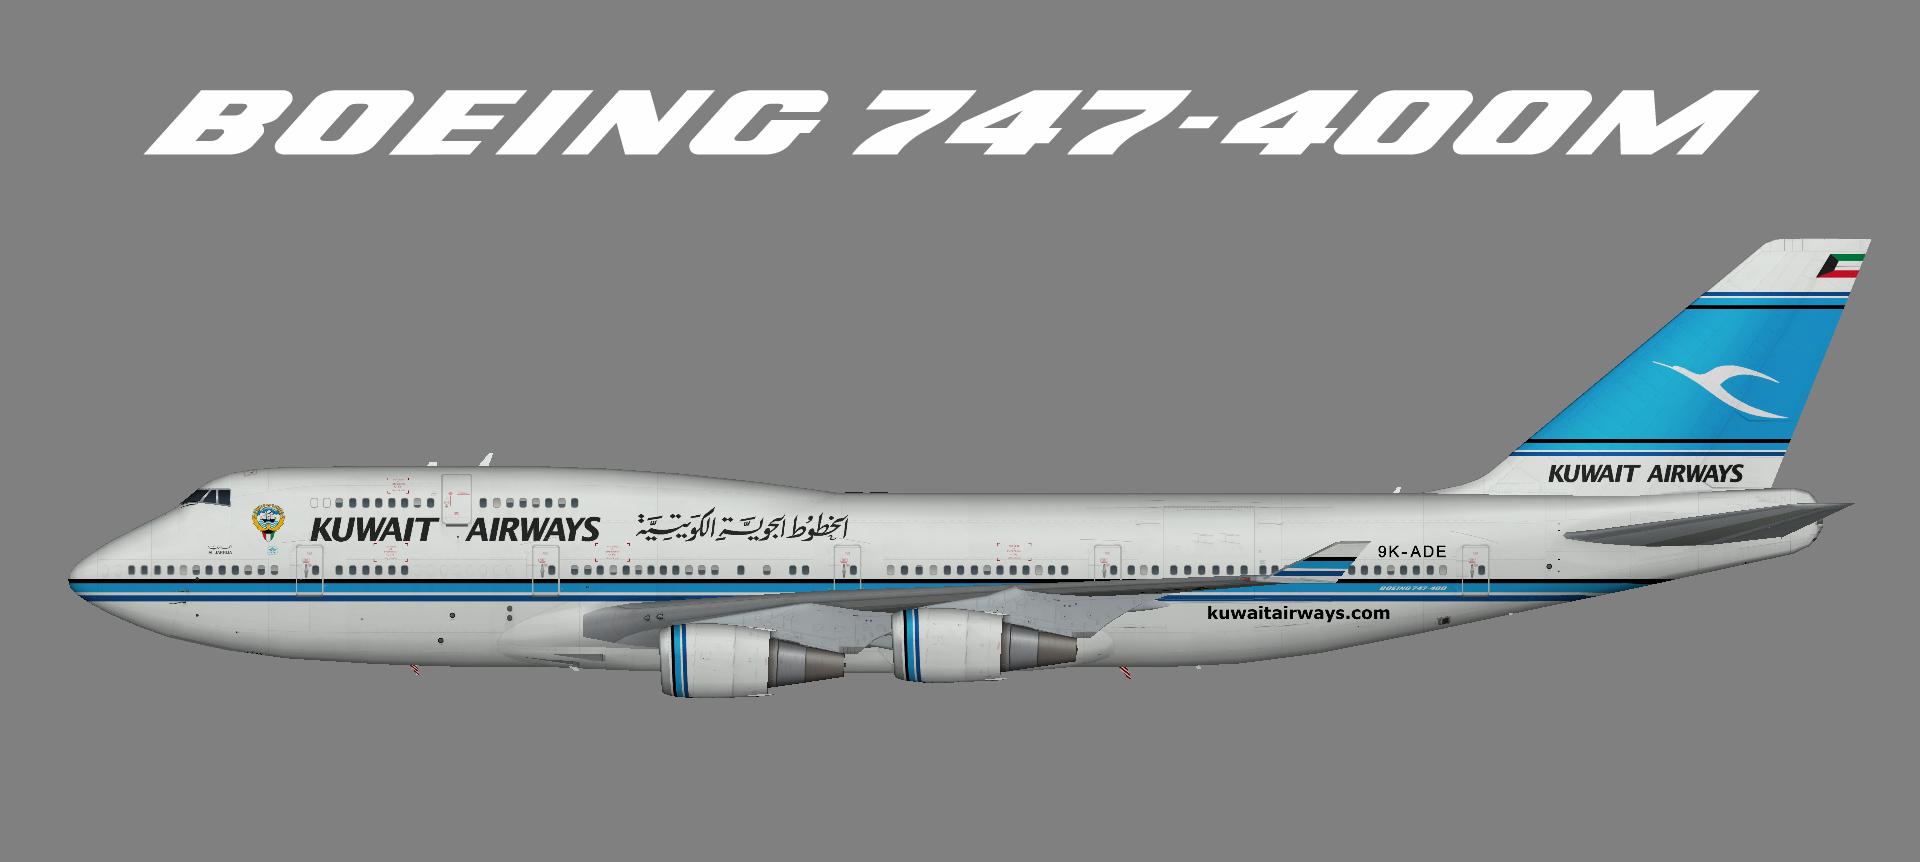 Kuwait 747-400